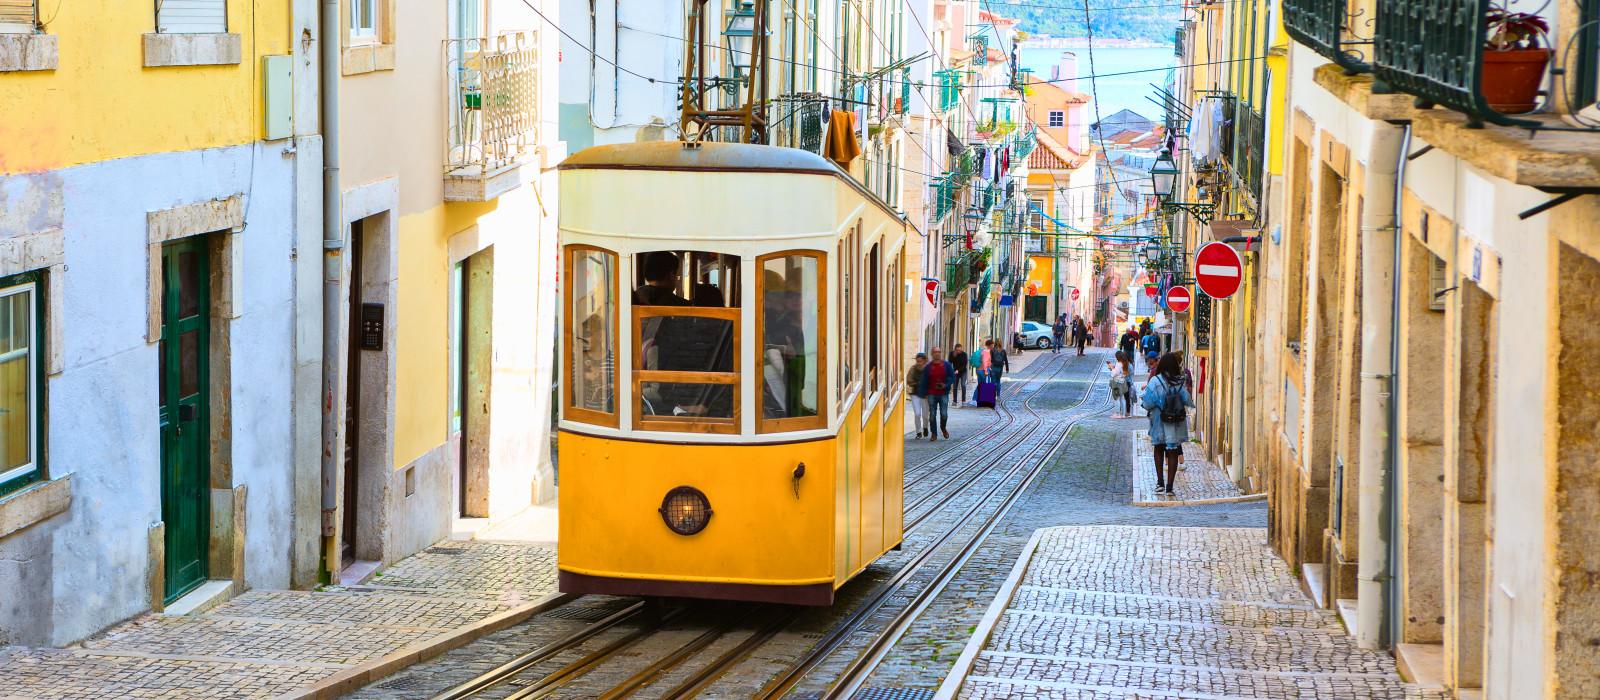 Portugal Explorer: Azores, Lisbon and Porto Tour Trip 1